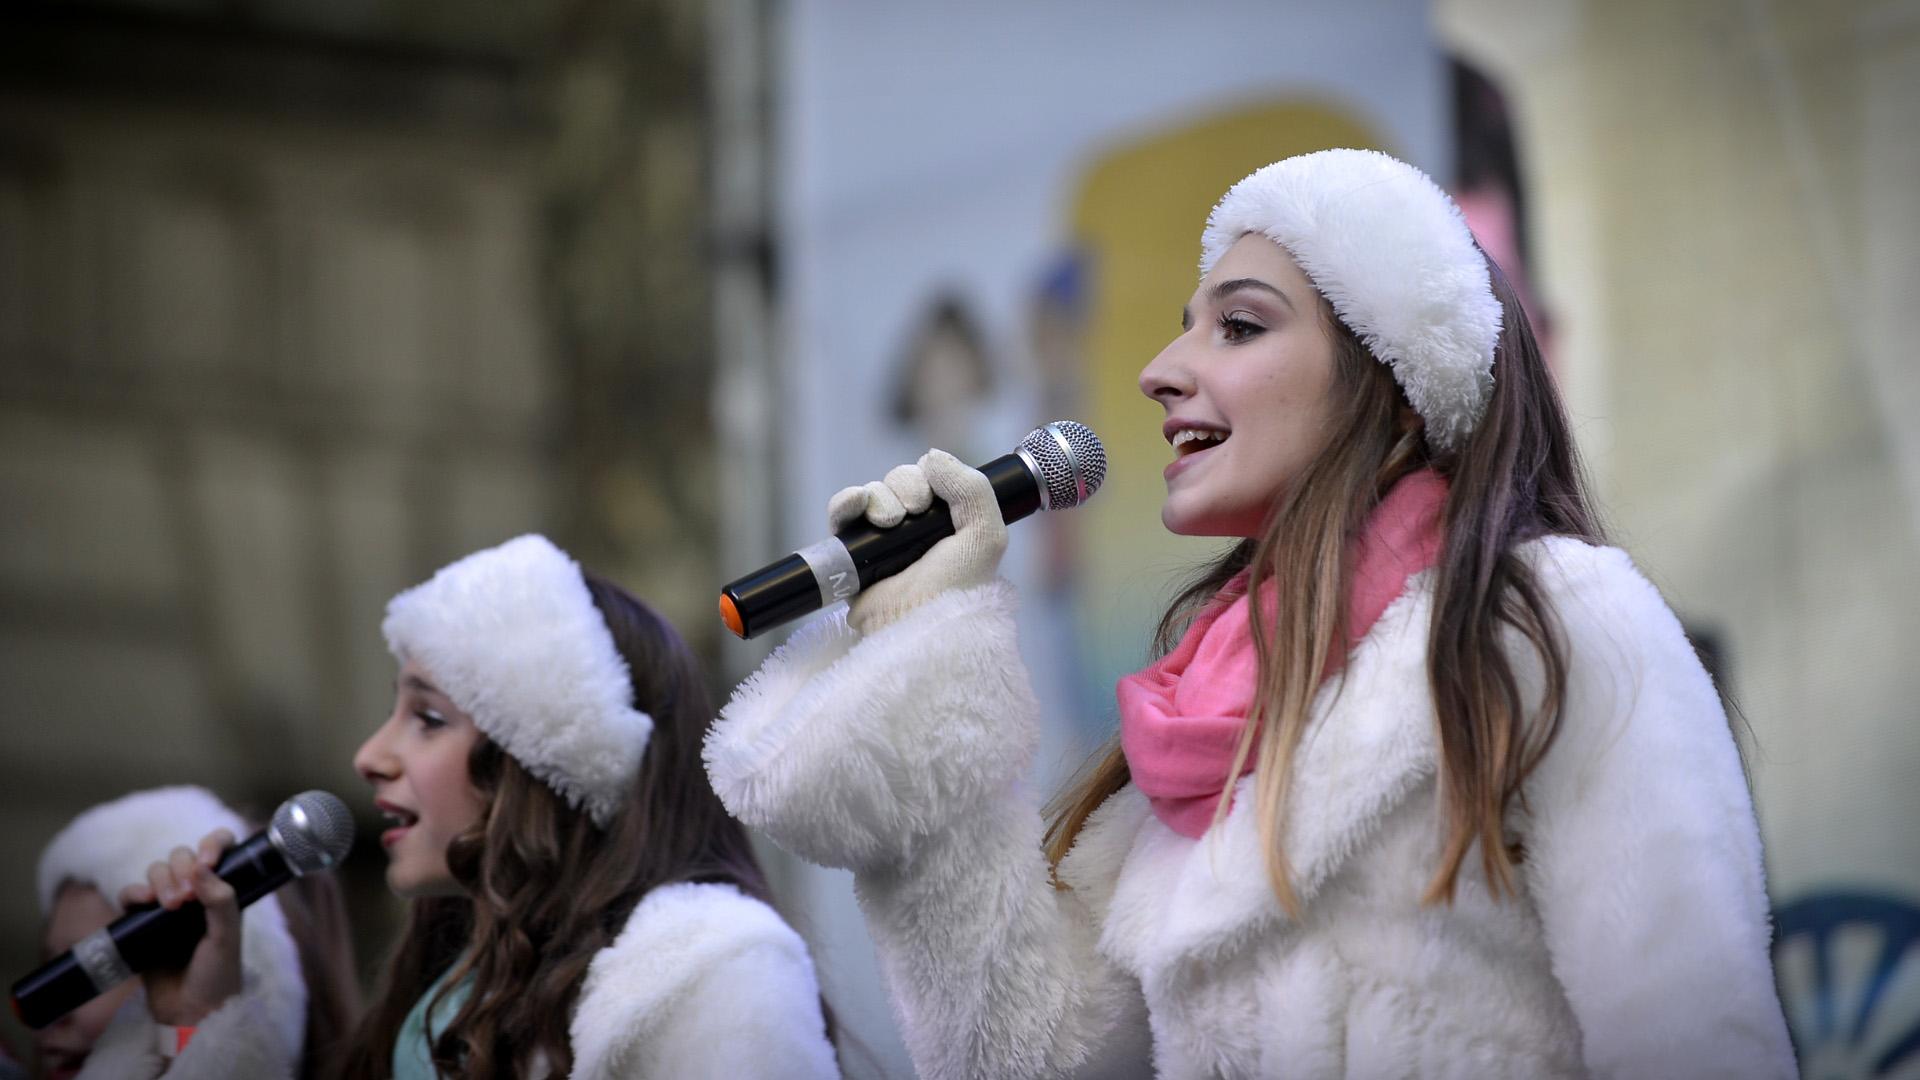 La legisladora se mostró muy preocupada por las mujeres rusas durante el evento (Gustavo Gavotti)